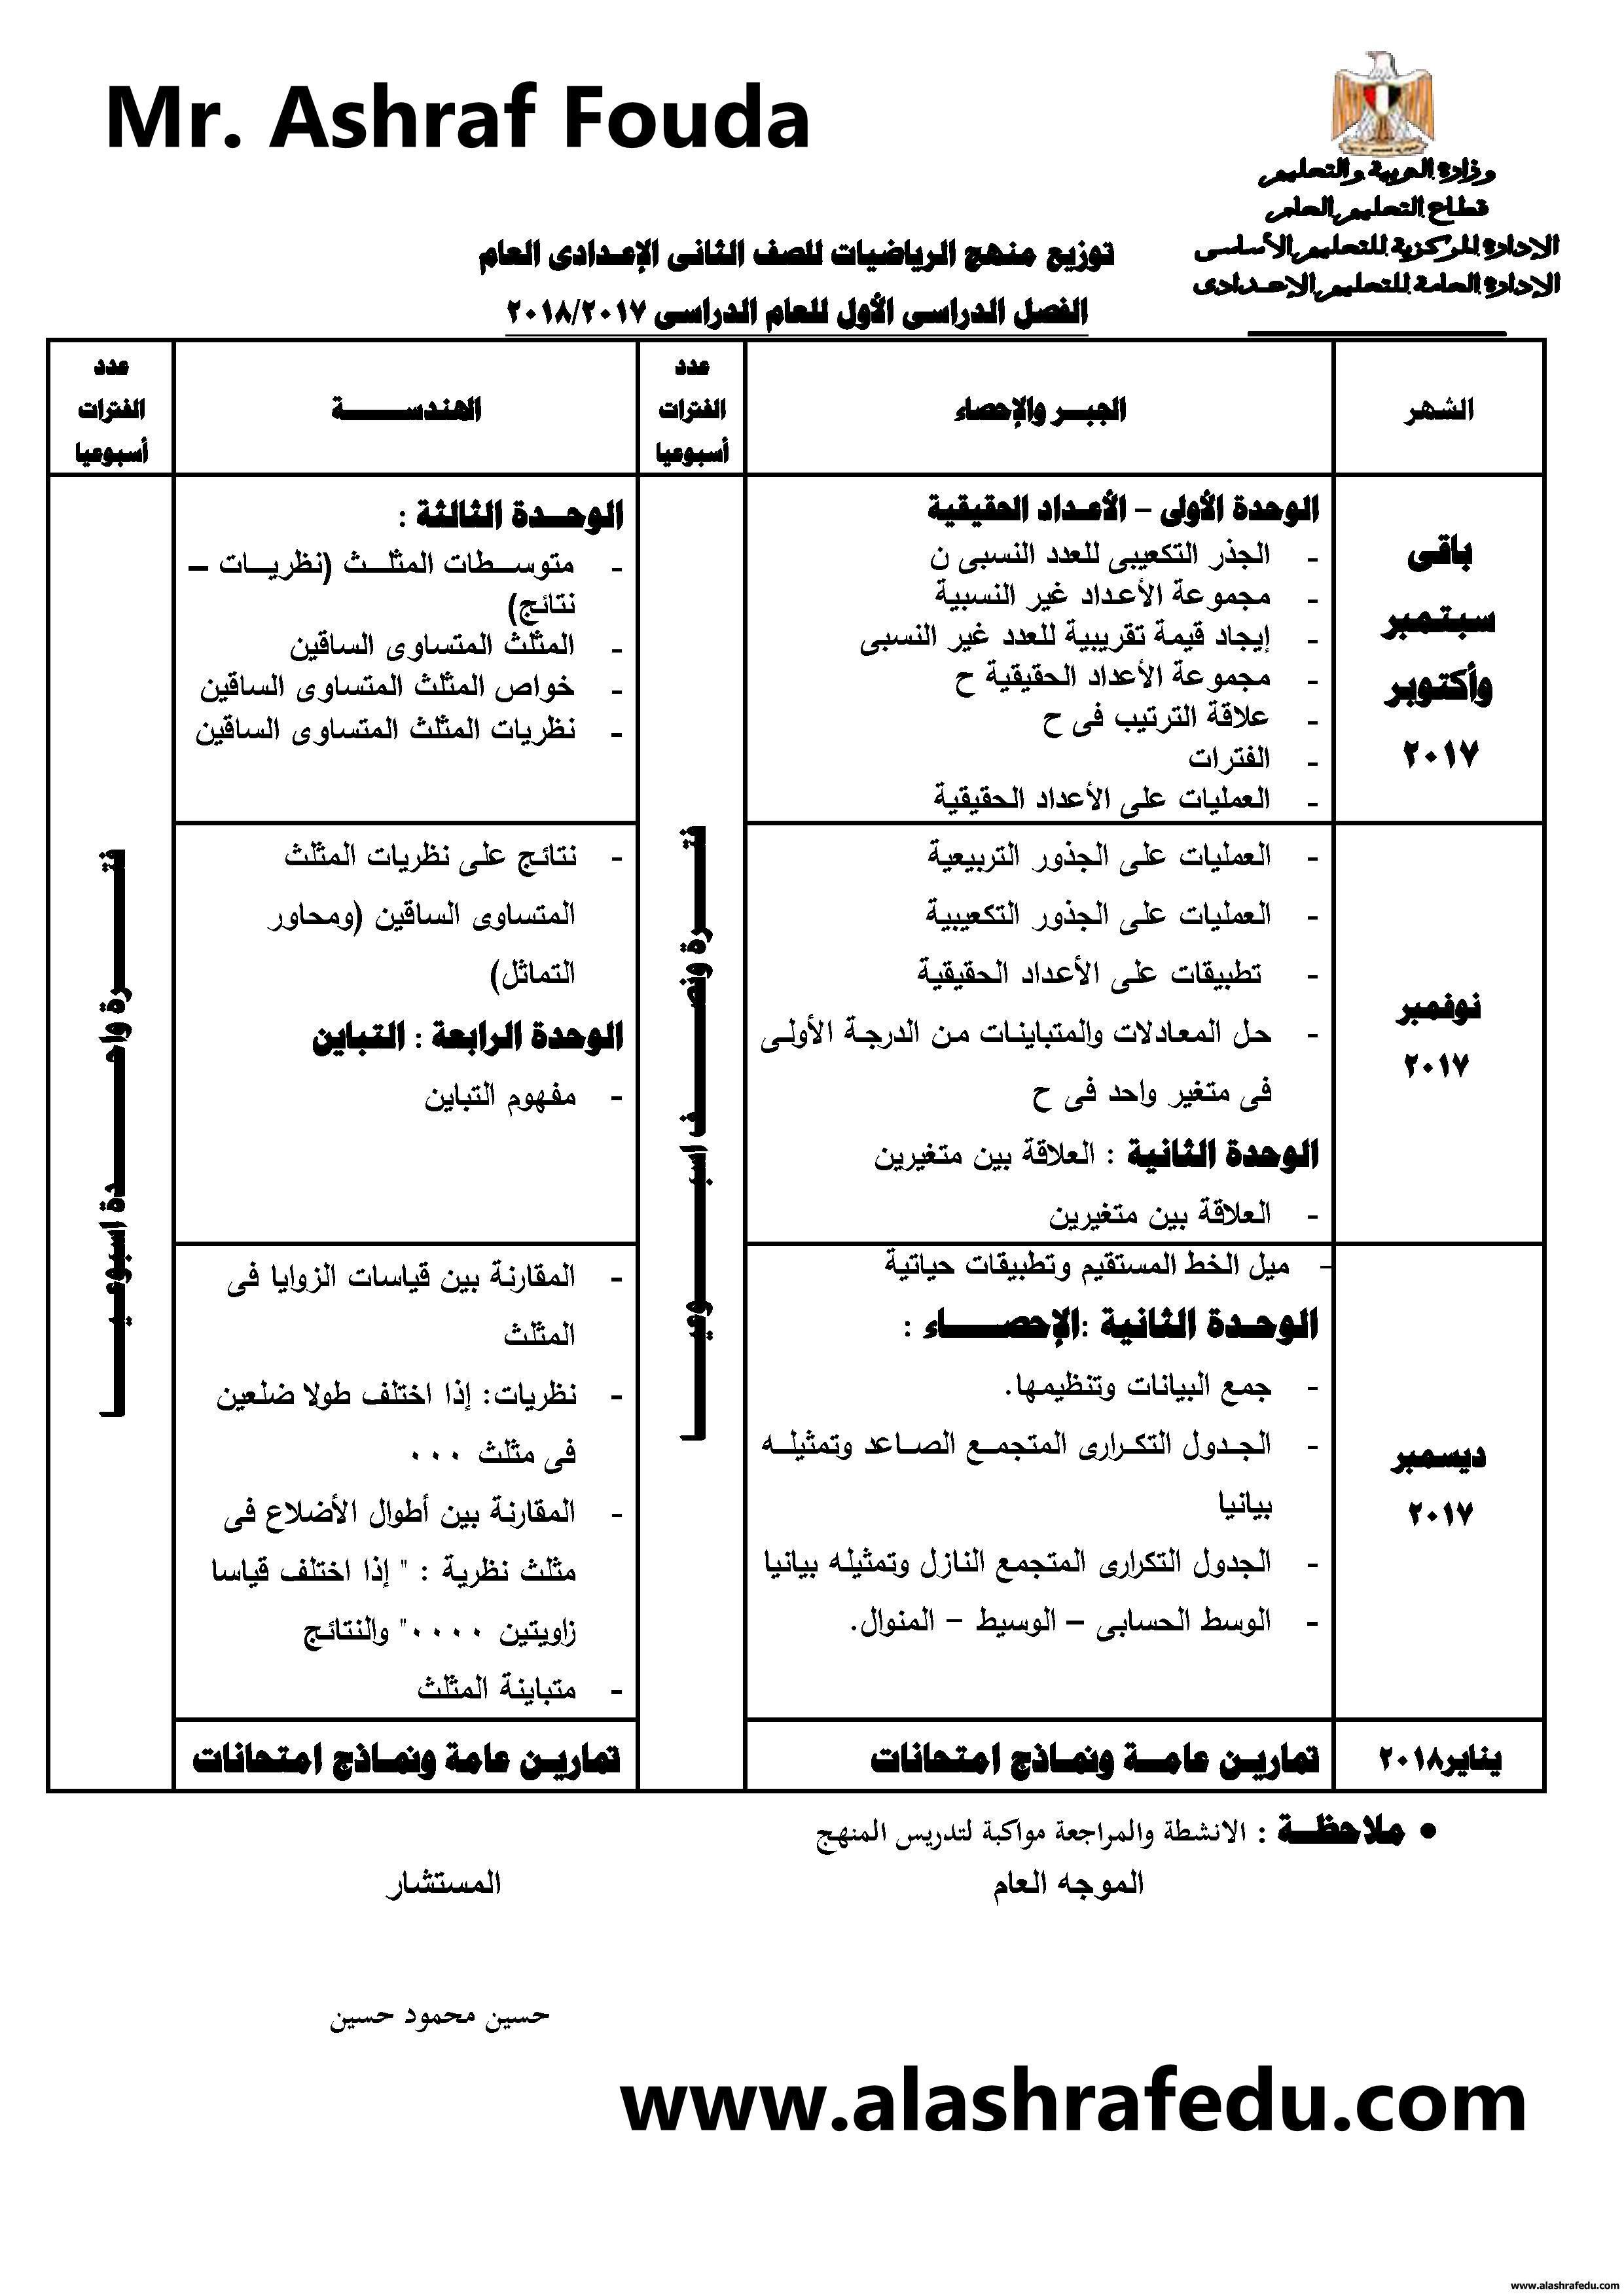 توزيع منهج الرياضيات 2018 الثانى www.alashrafedu.com1